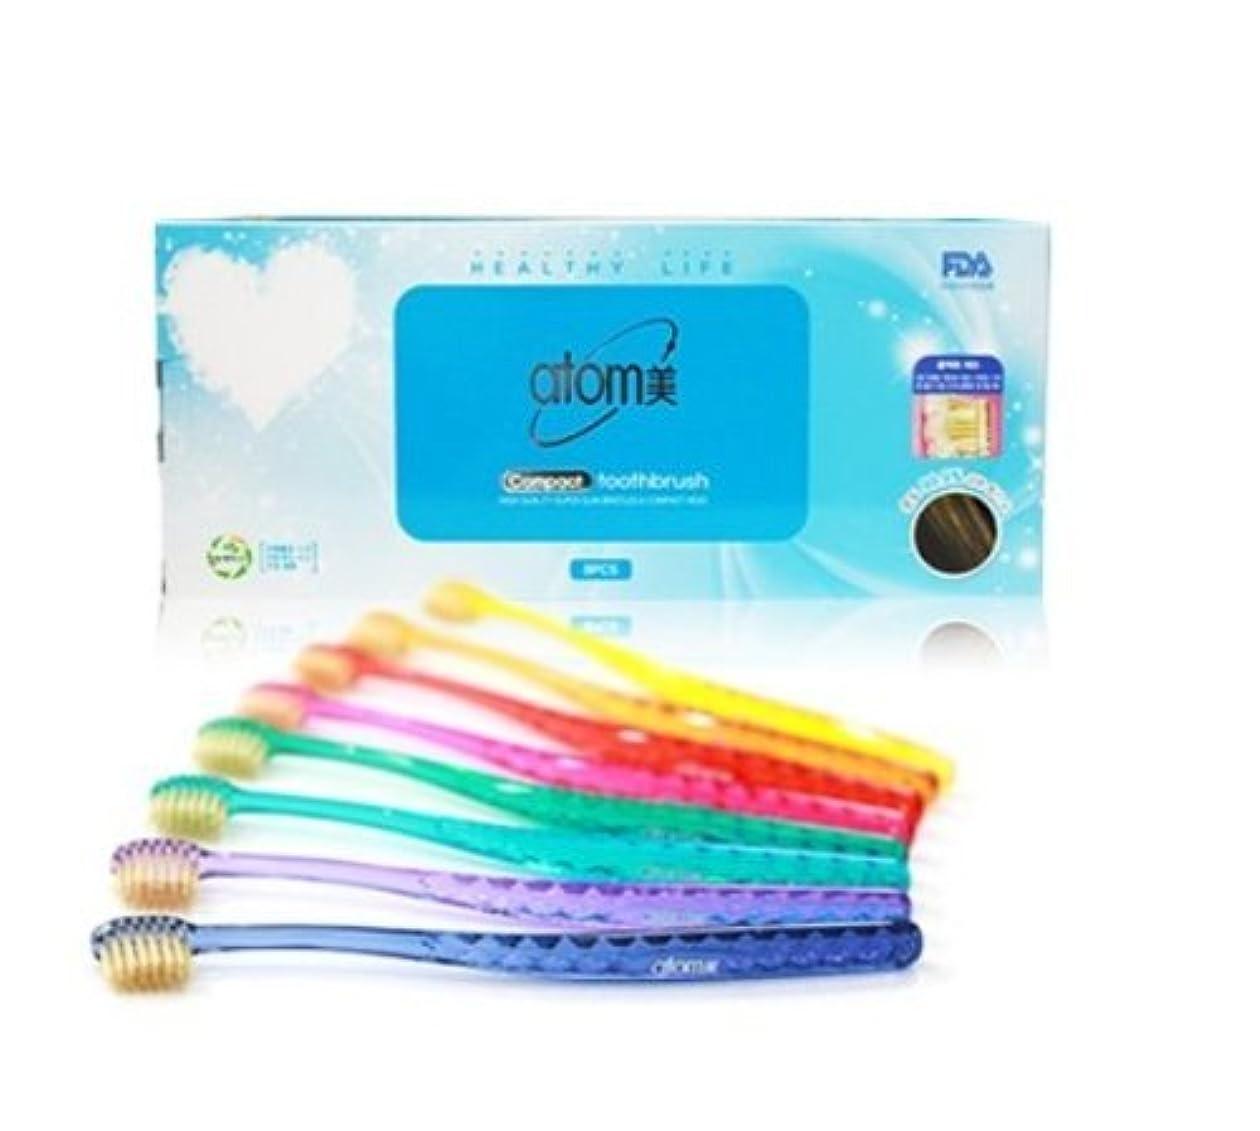 炭素ペグそれによってAtomi Atomy Atom美 アトミ アトミコンパクト歯ブラシ8本セット